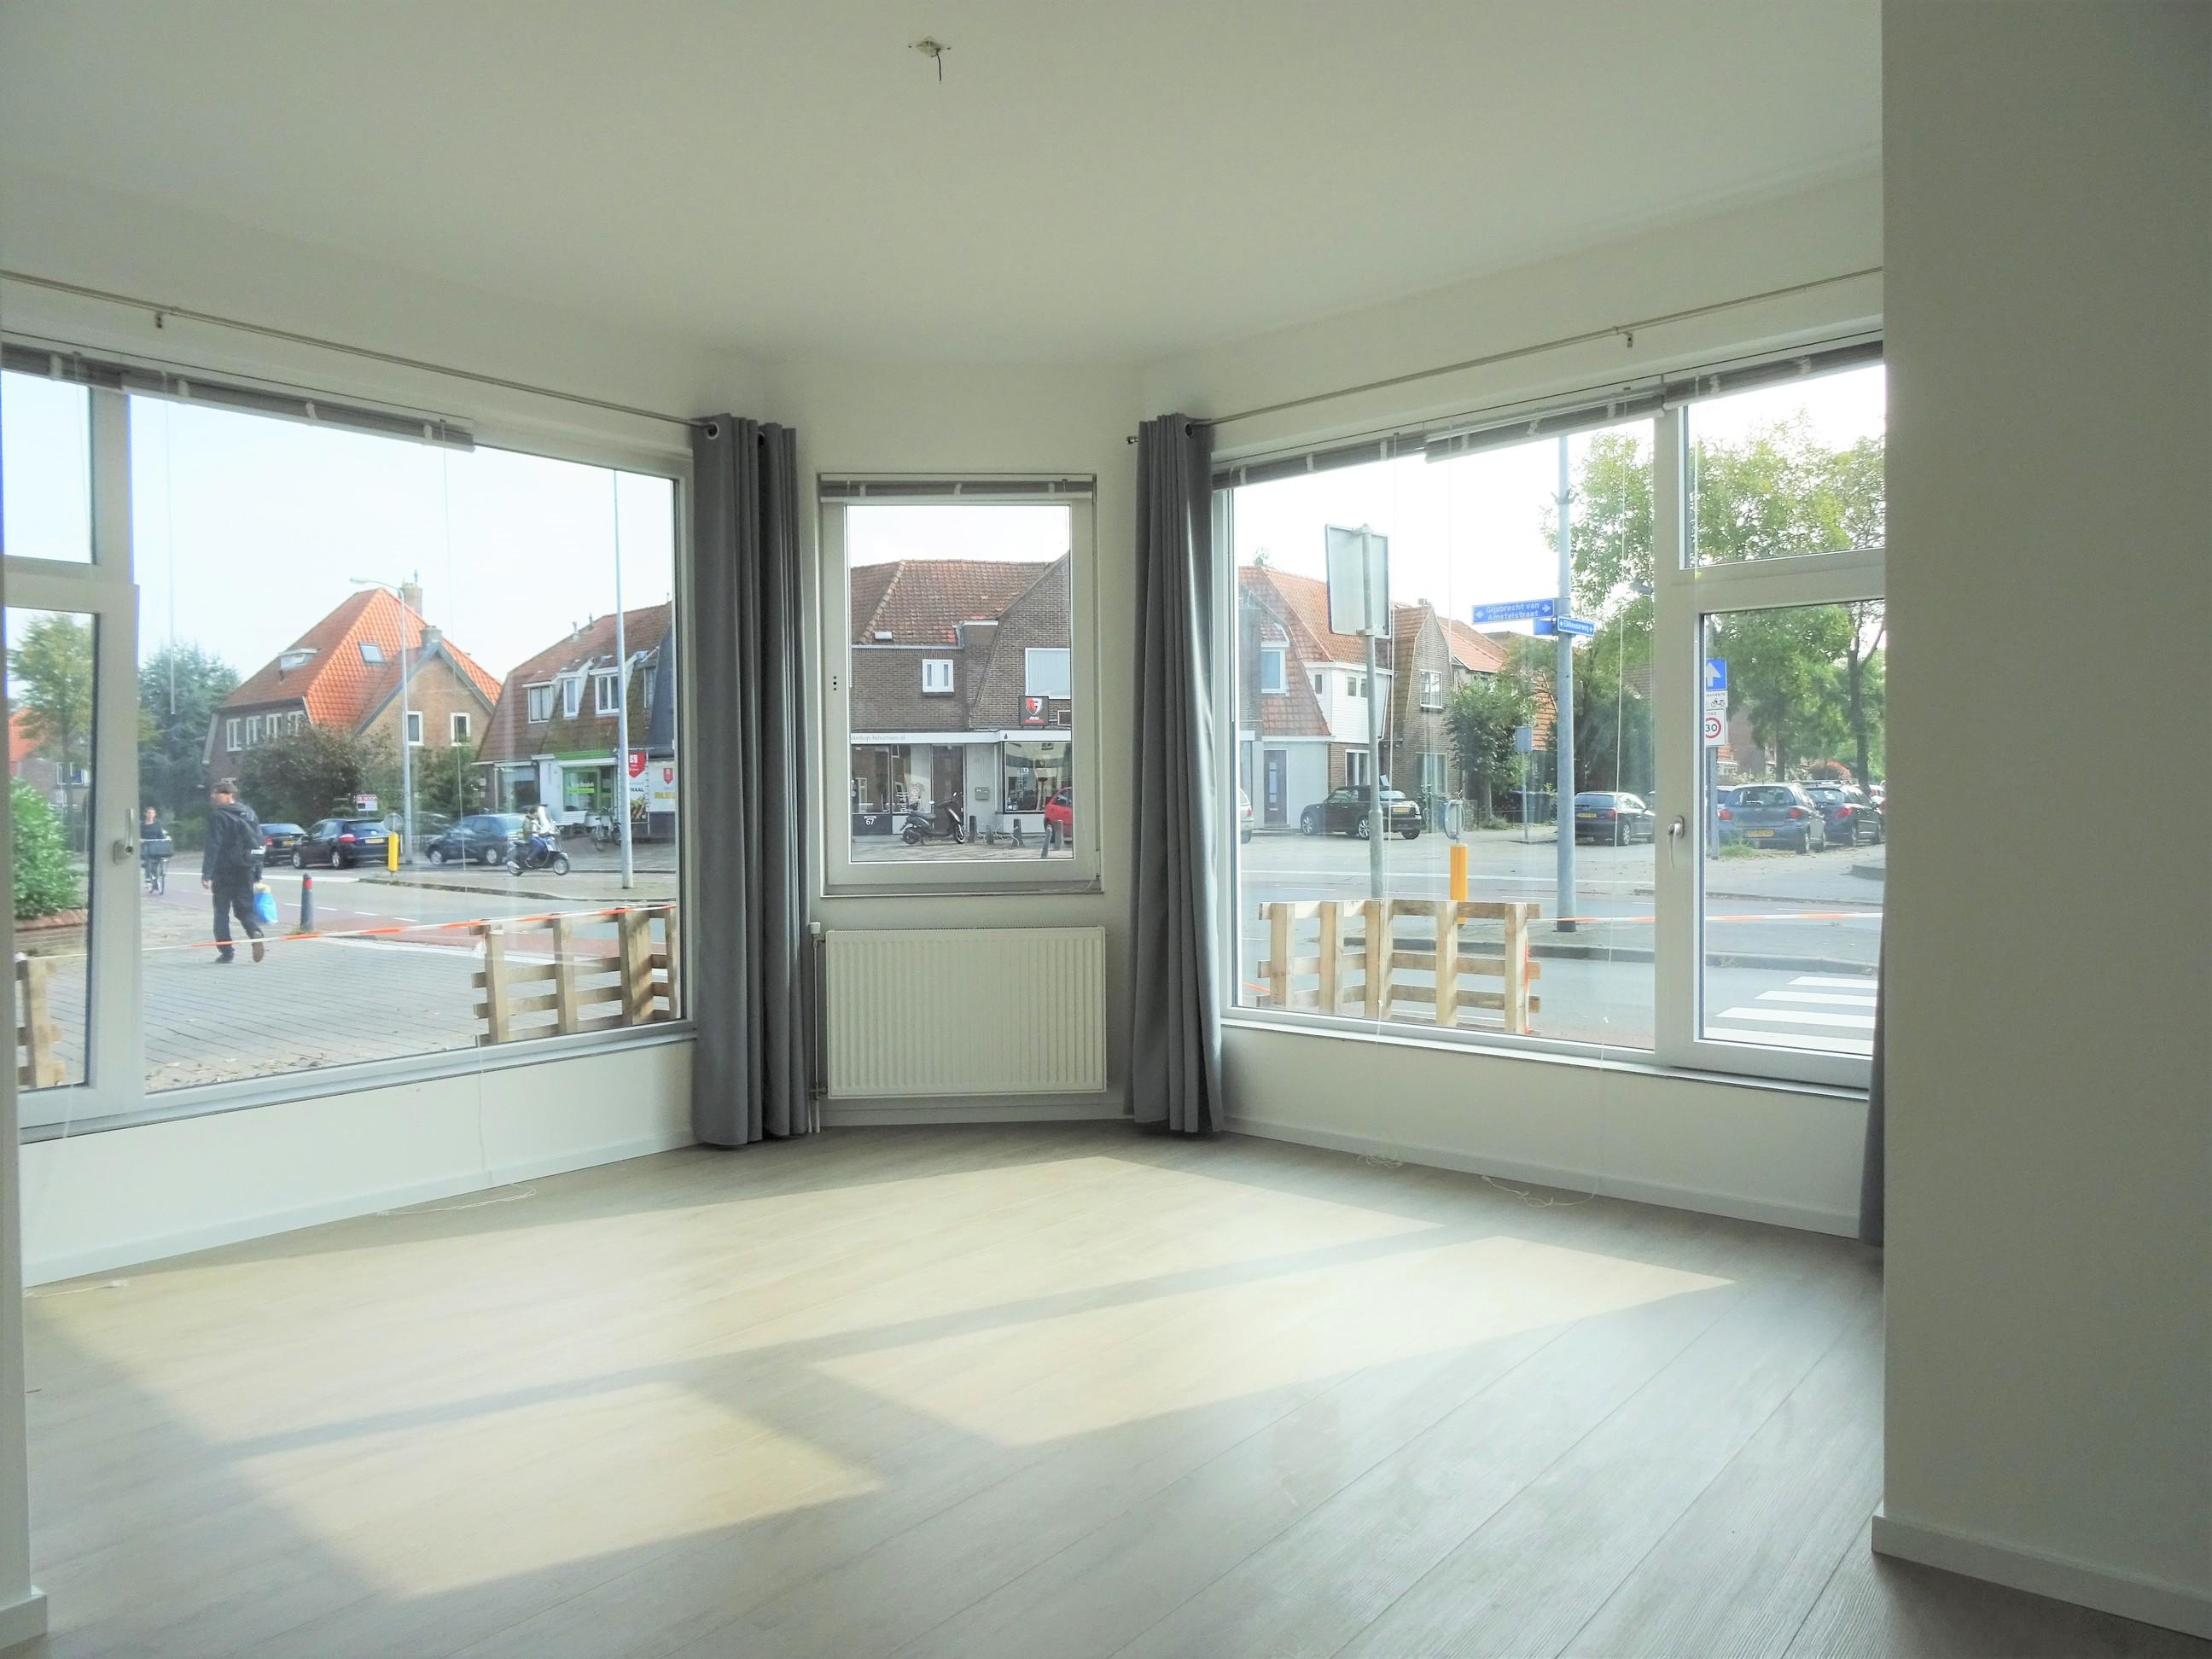 Eikbosserweg 124, Hilversum